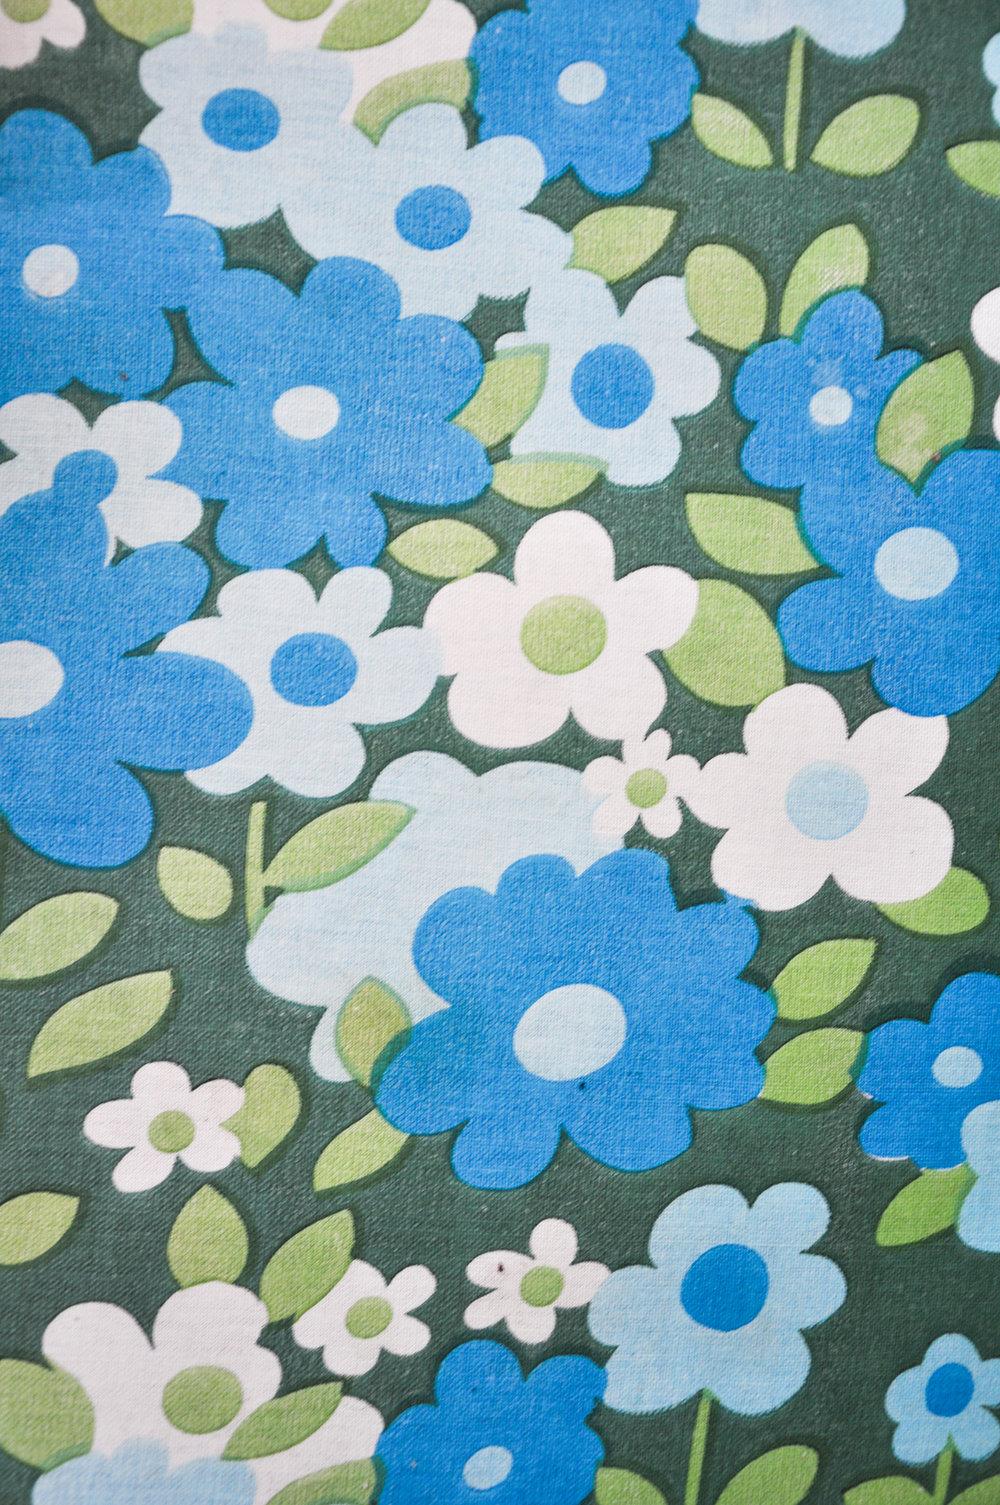 blauesblumenmuster.jpg